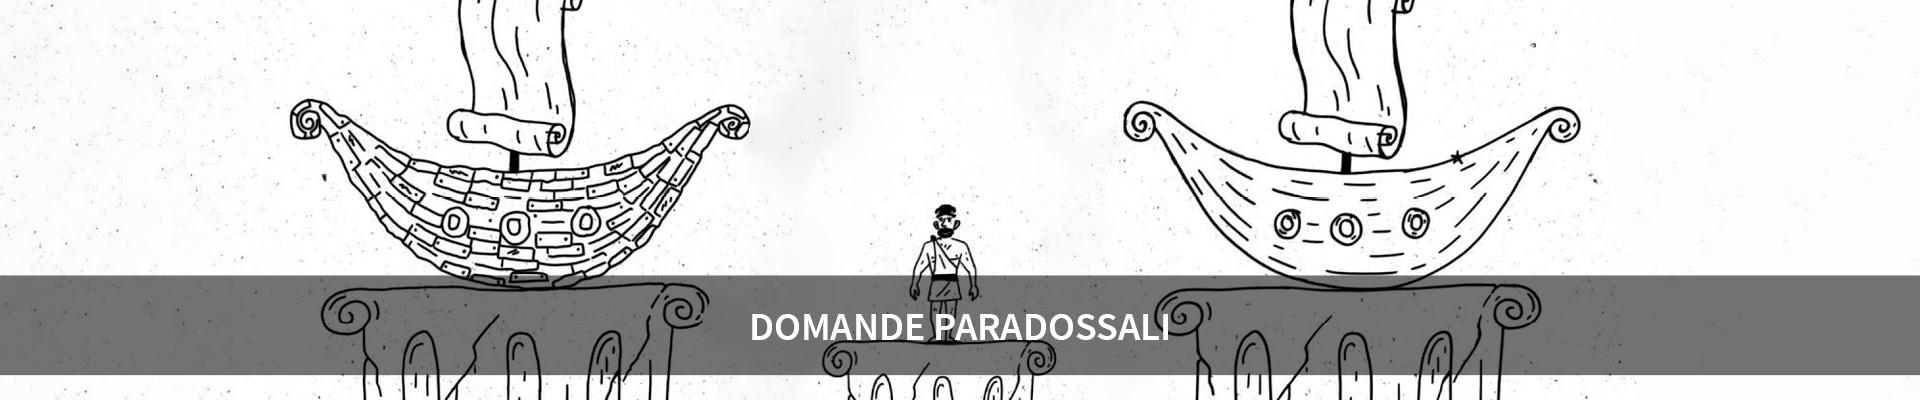 Domande paradossali -